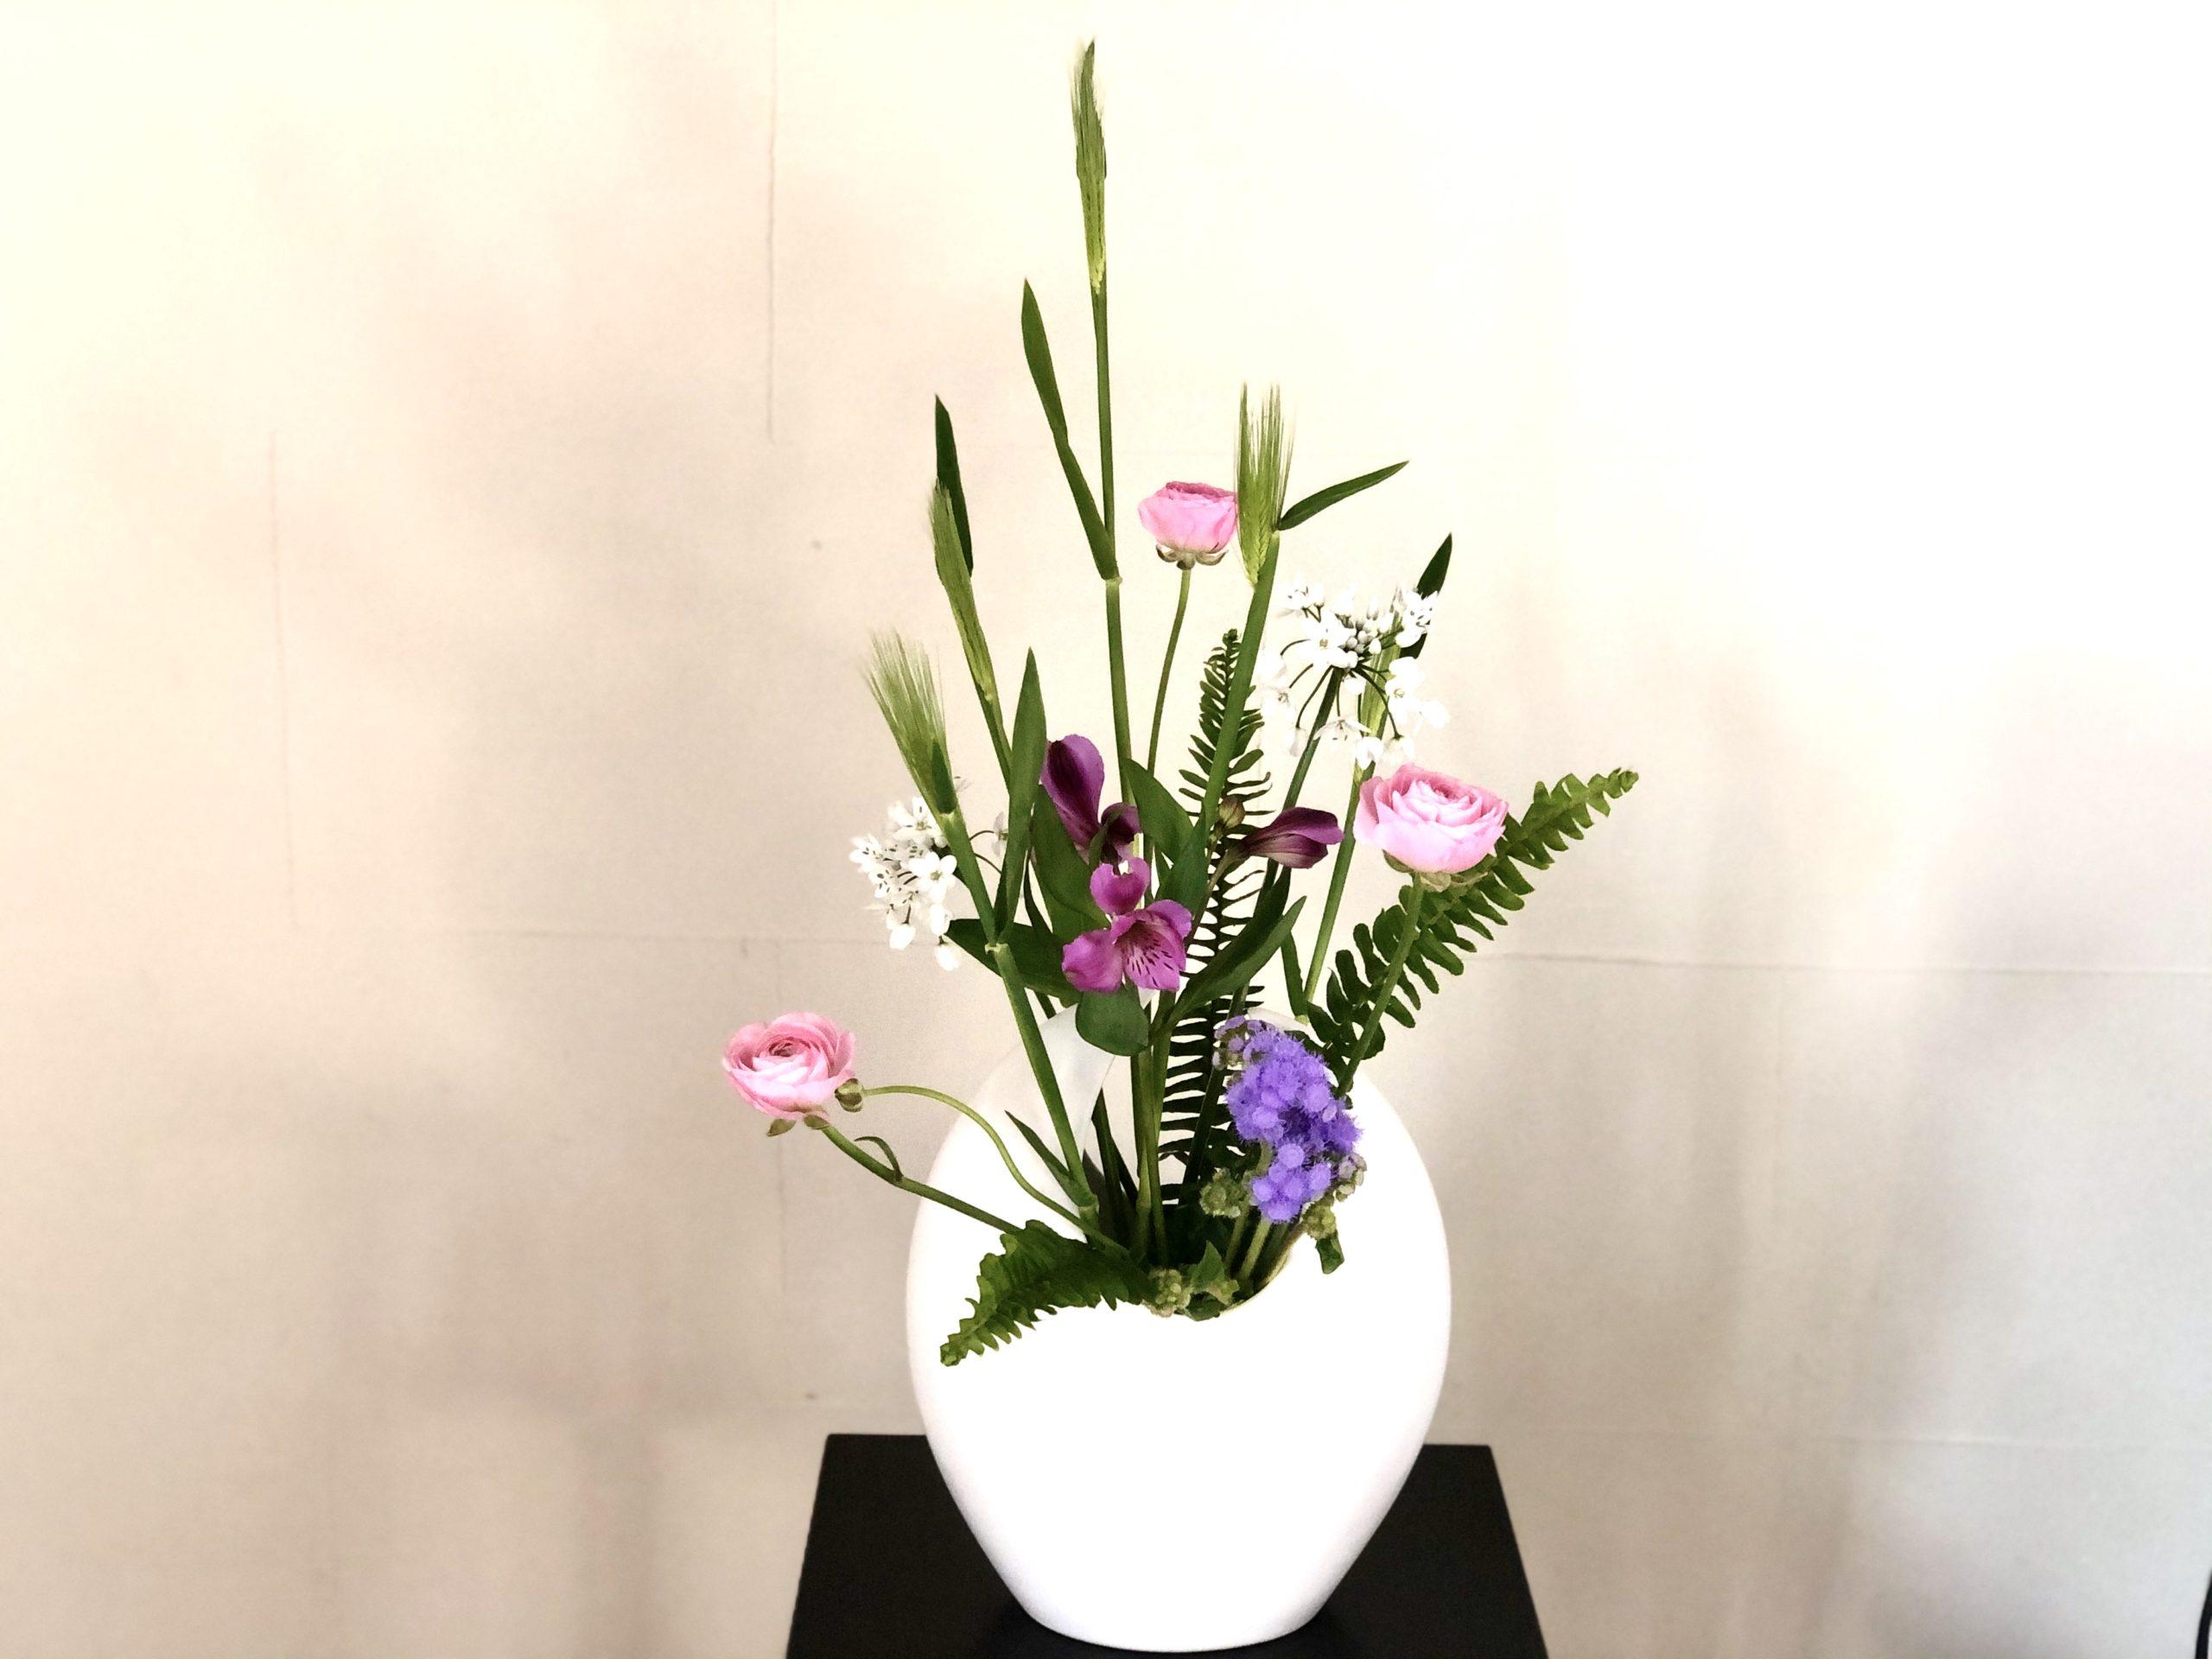 ピンクと紫で大人っぽい春の生け花